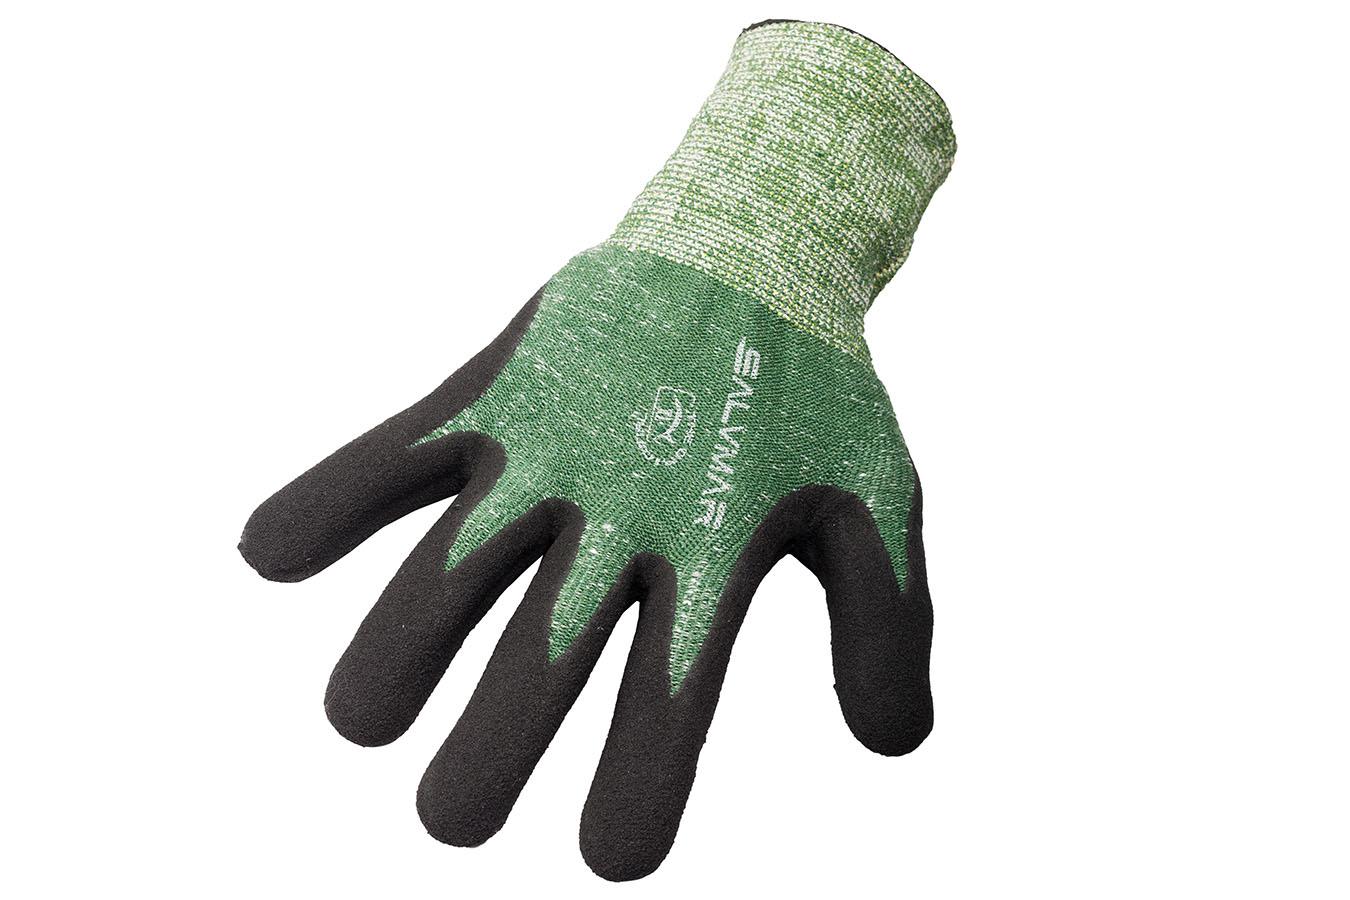 Перчатки Dyemax Защитные C Резиновой Ладонью, Зеленые